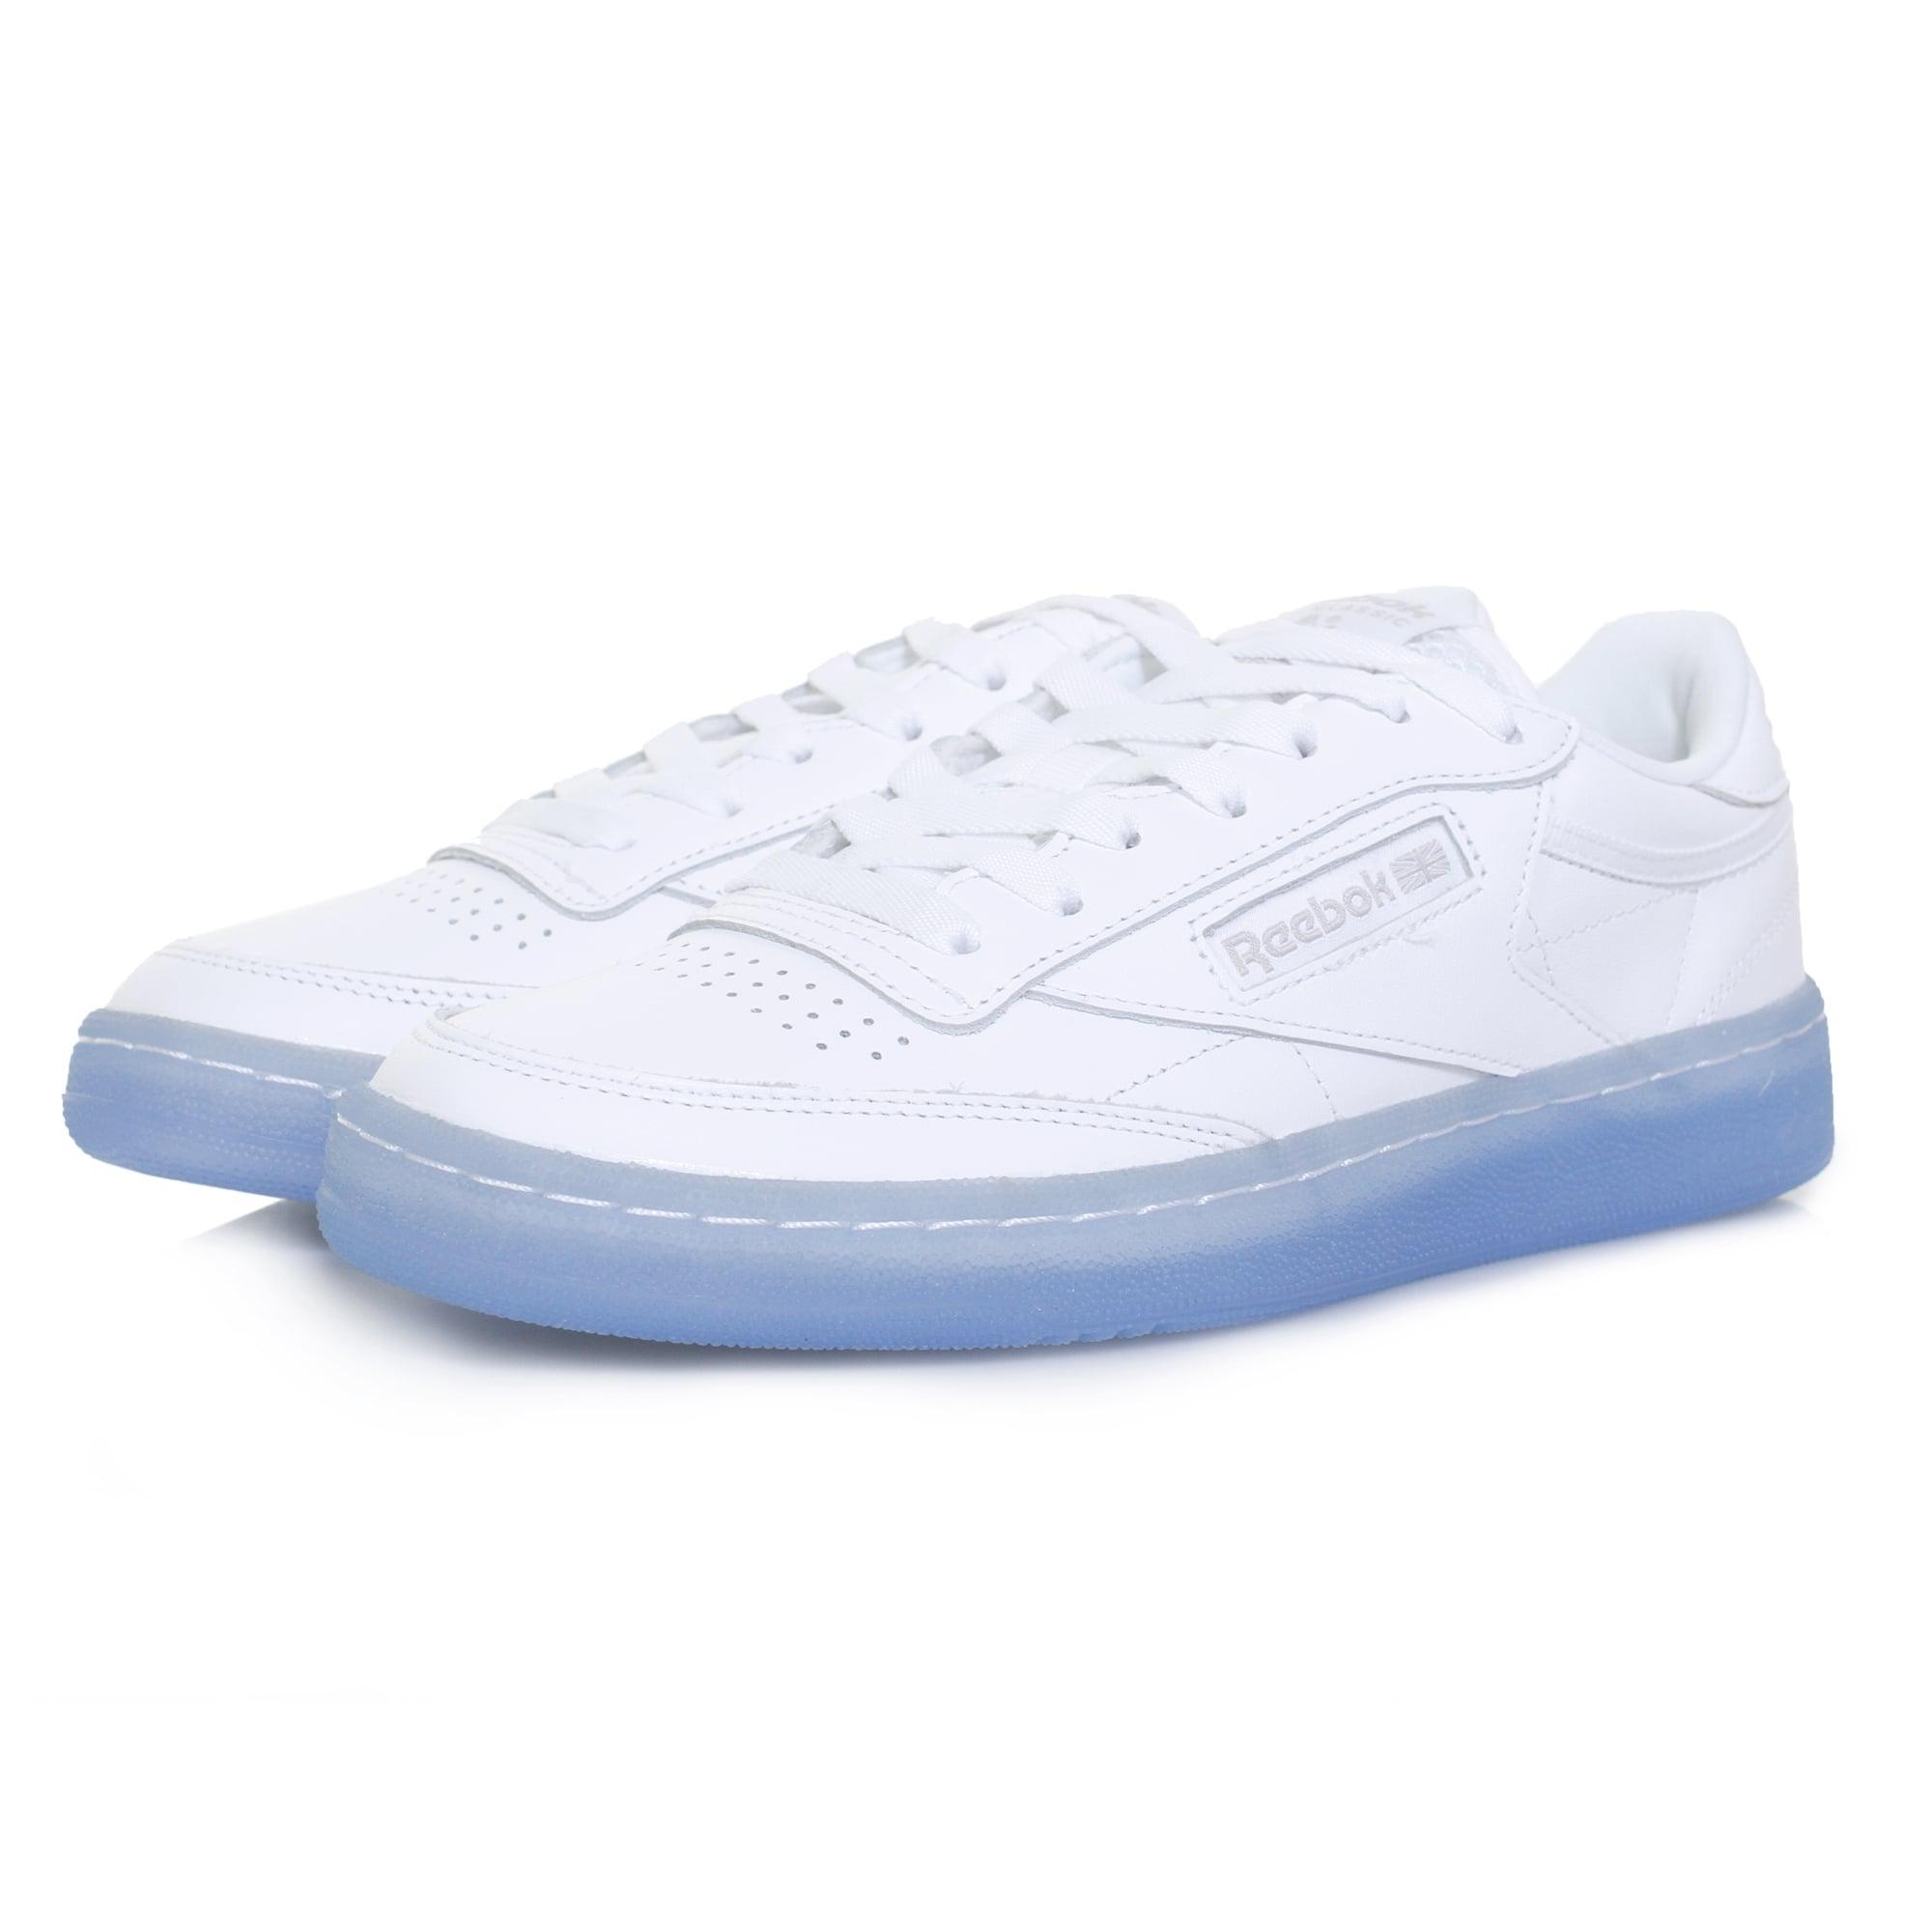 Zapatos Reebok Para Los Niños A La Edad De 16 Libras Pg5quI